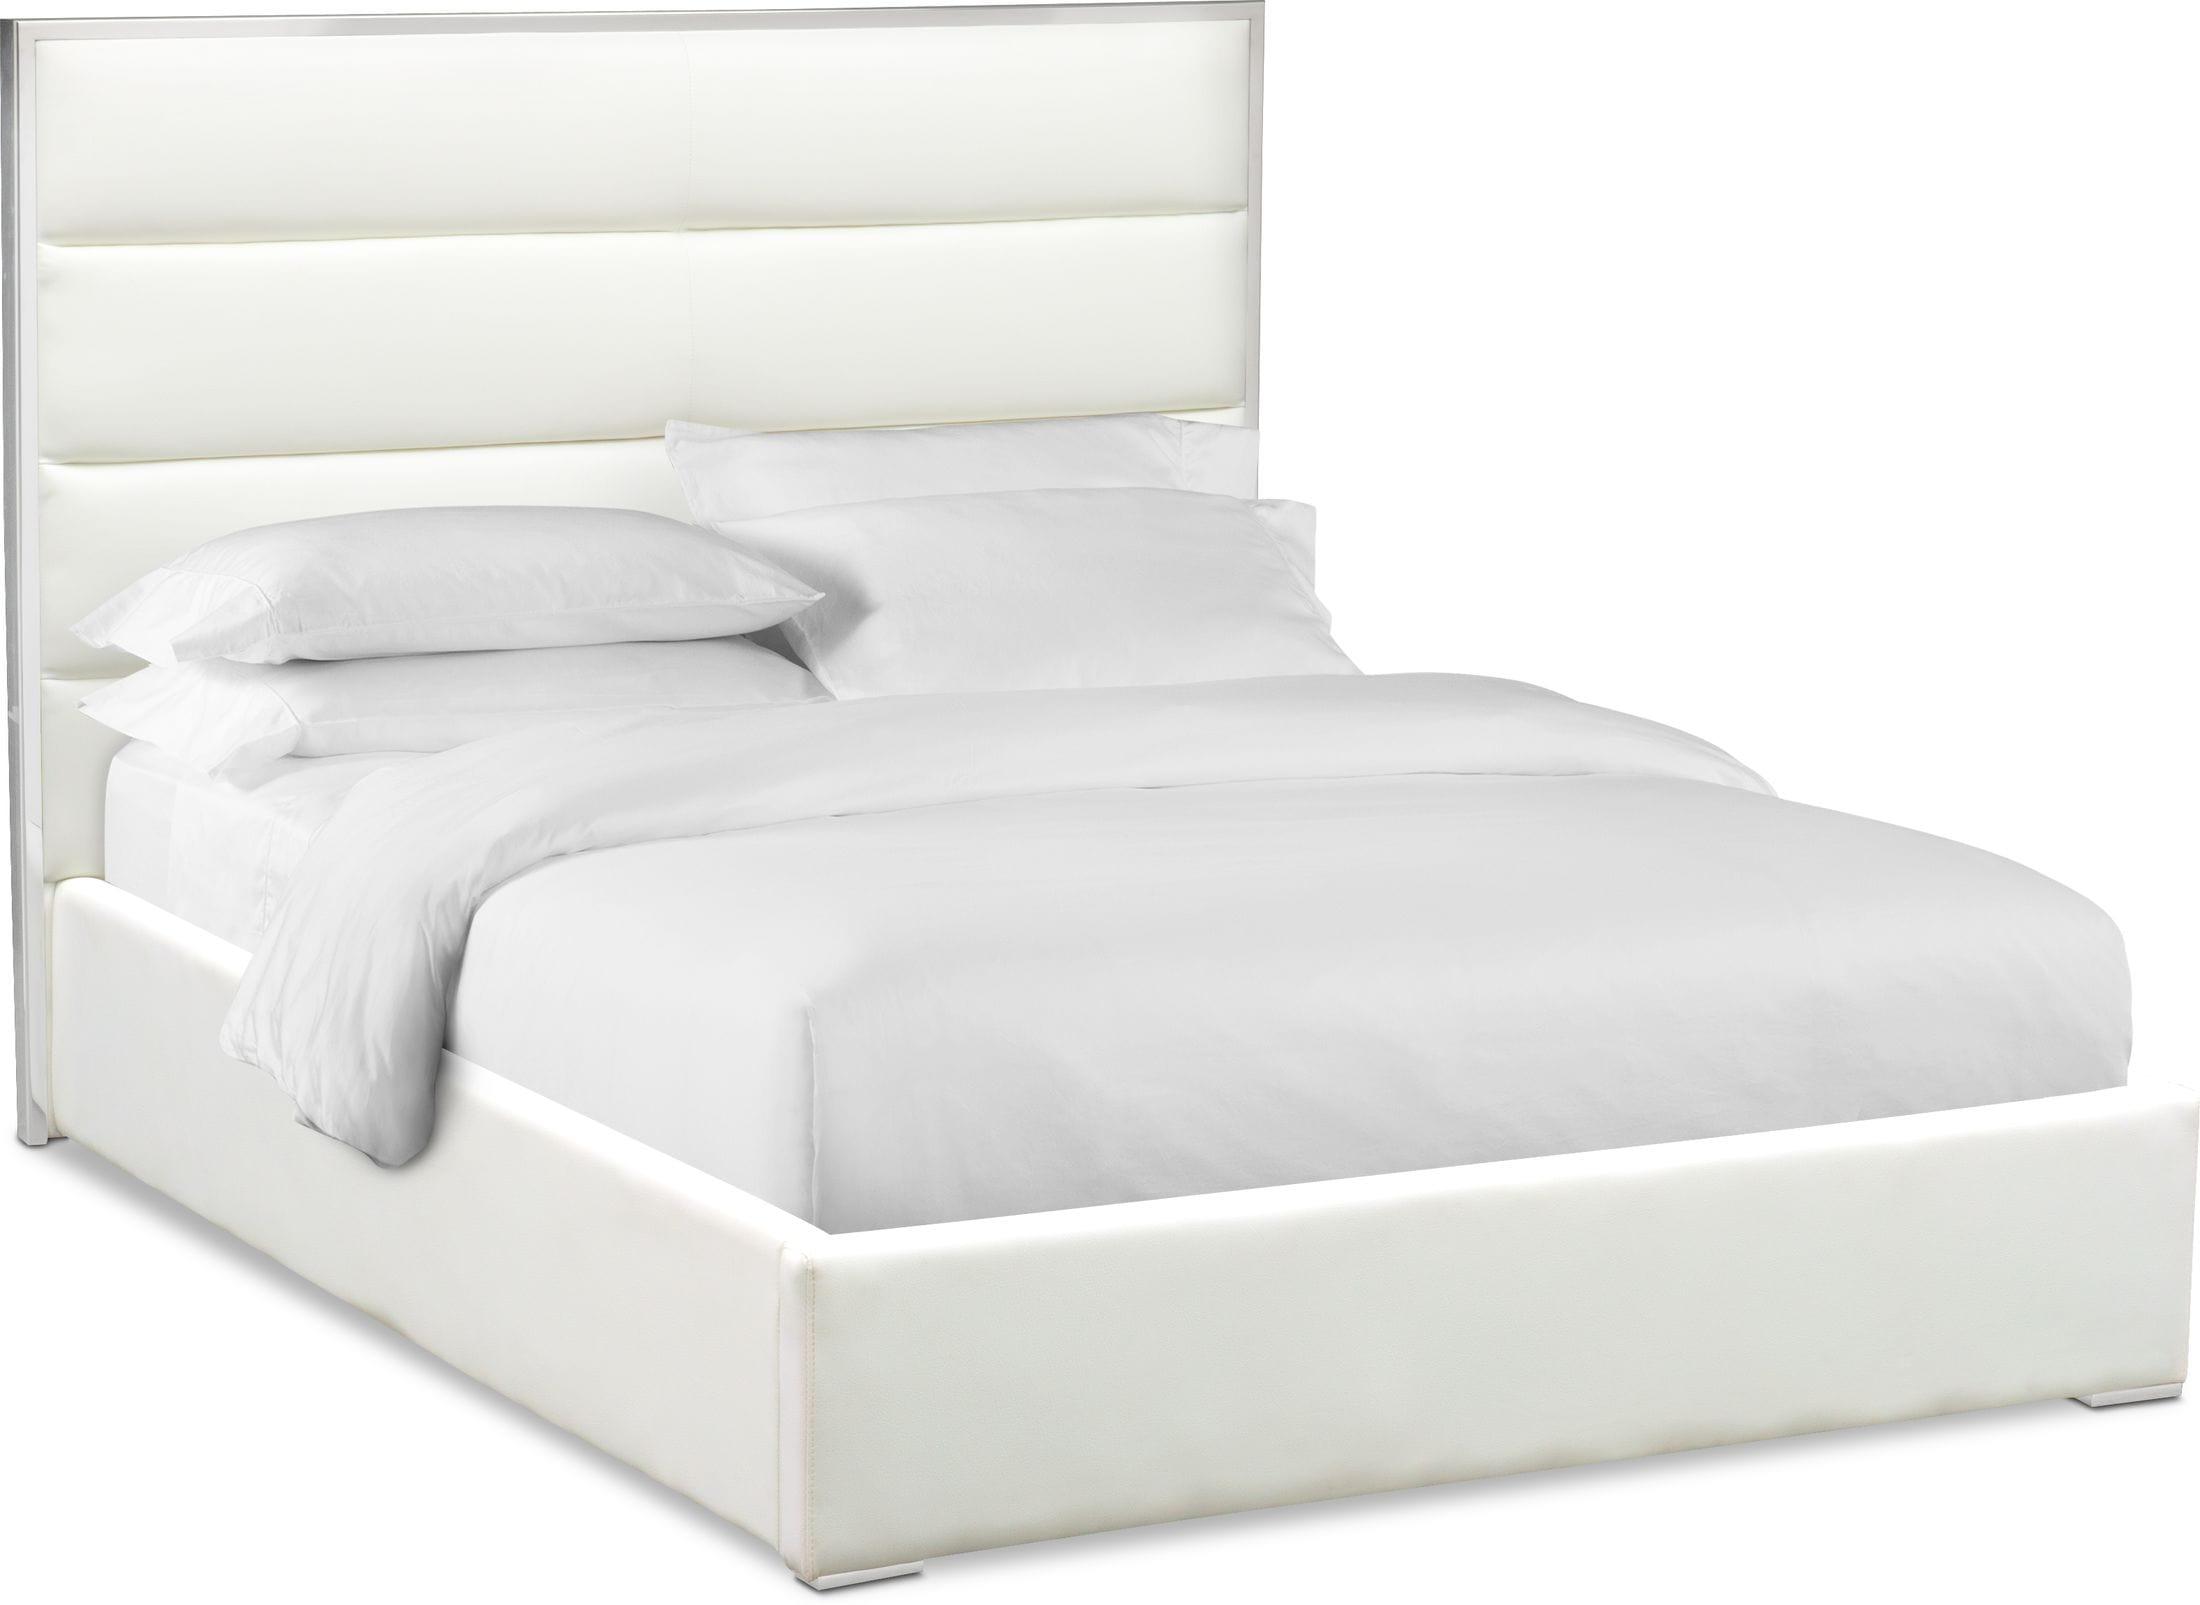 Bedroom Furniture - Concerto Upholstered Bed